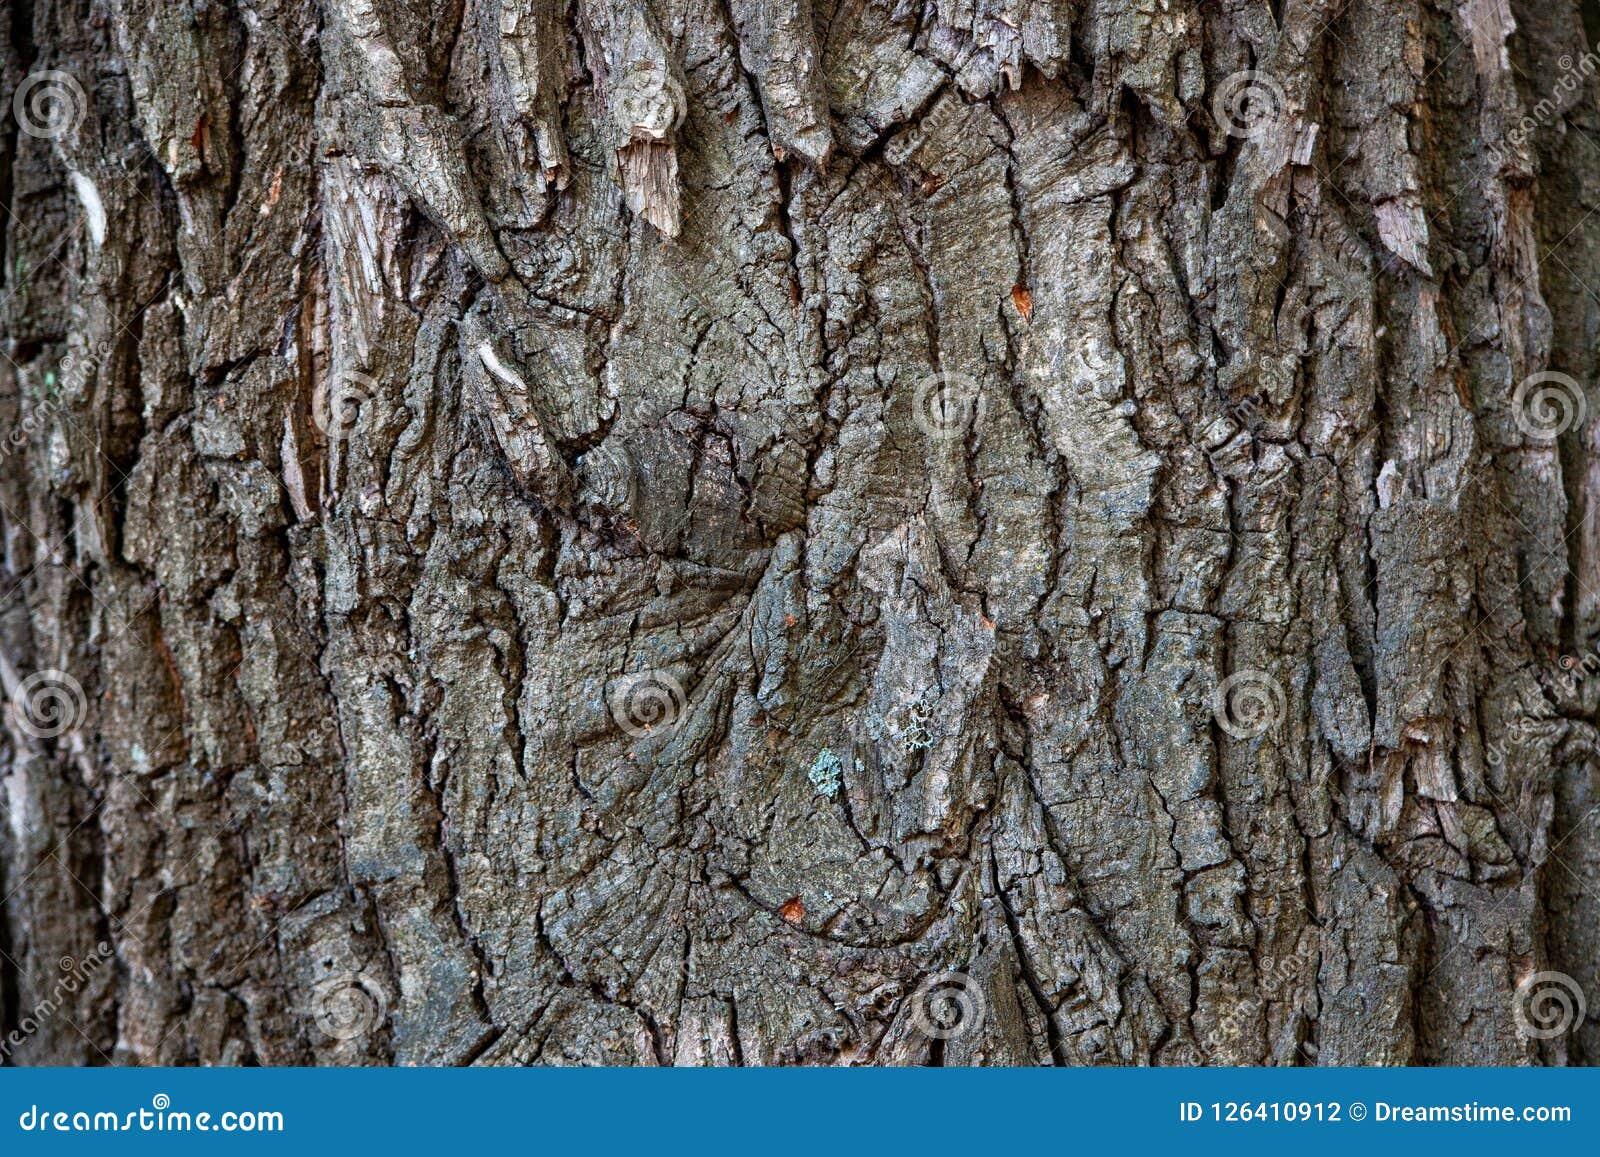 Baumrinde, Baumstamm, alter Baum, Eiche